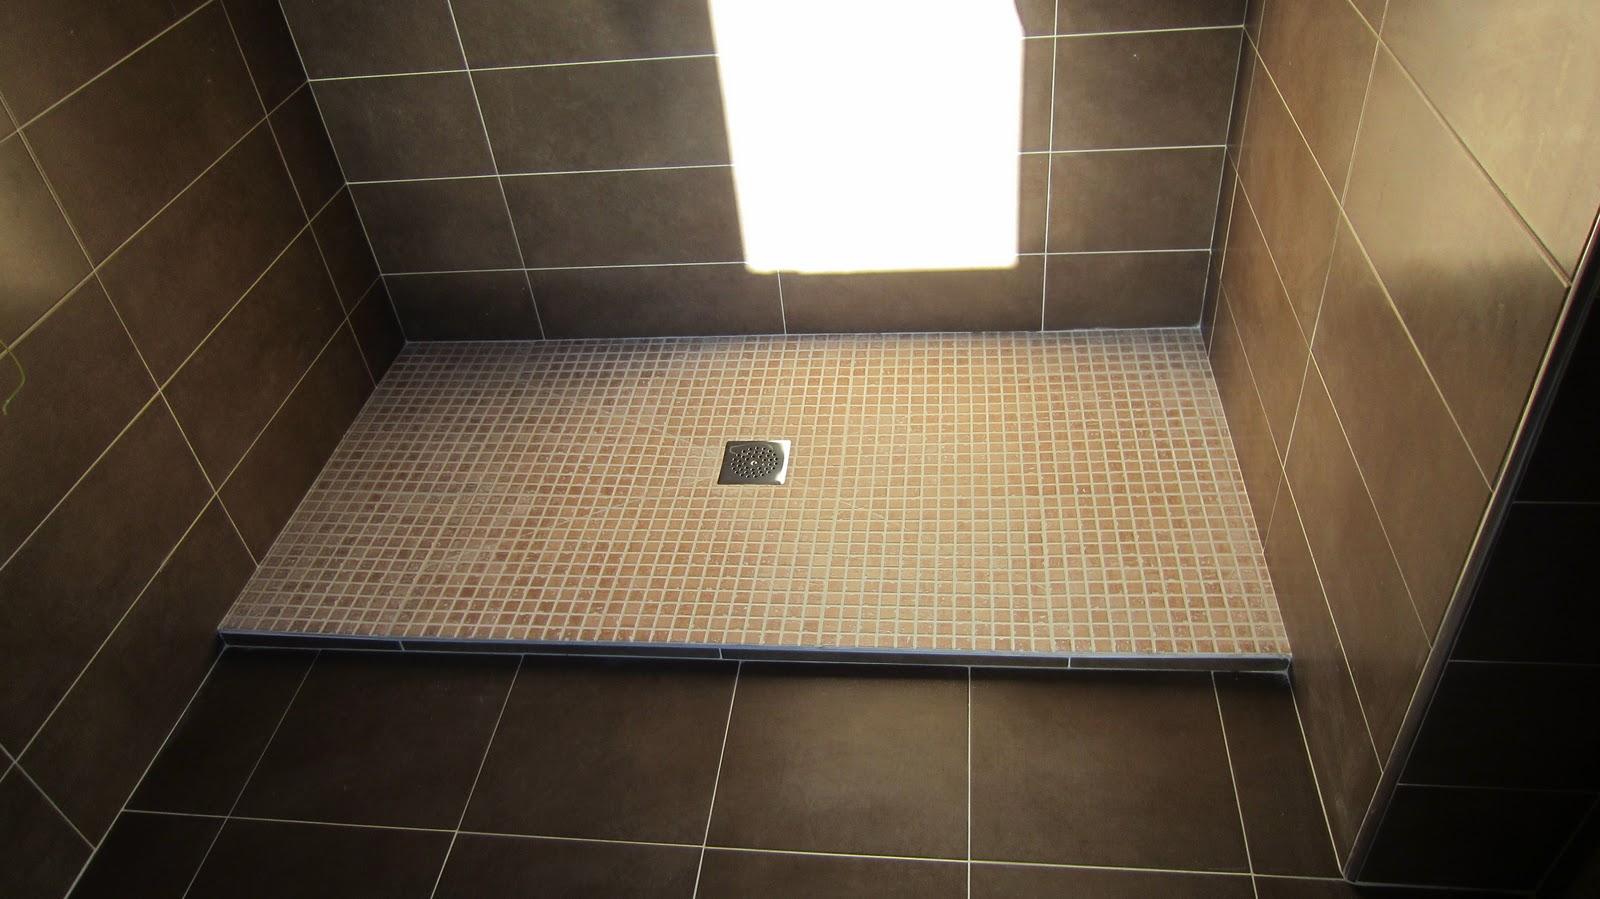 azulejo rematando el techo de madera